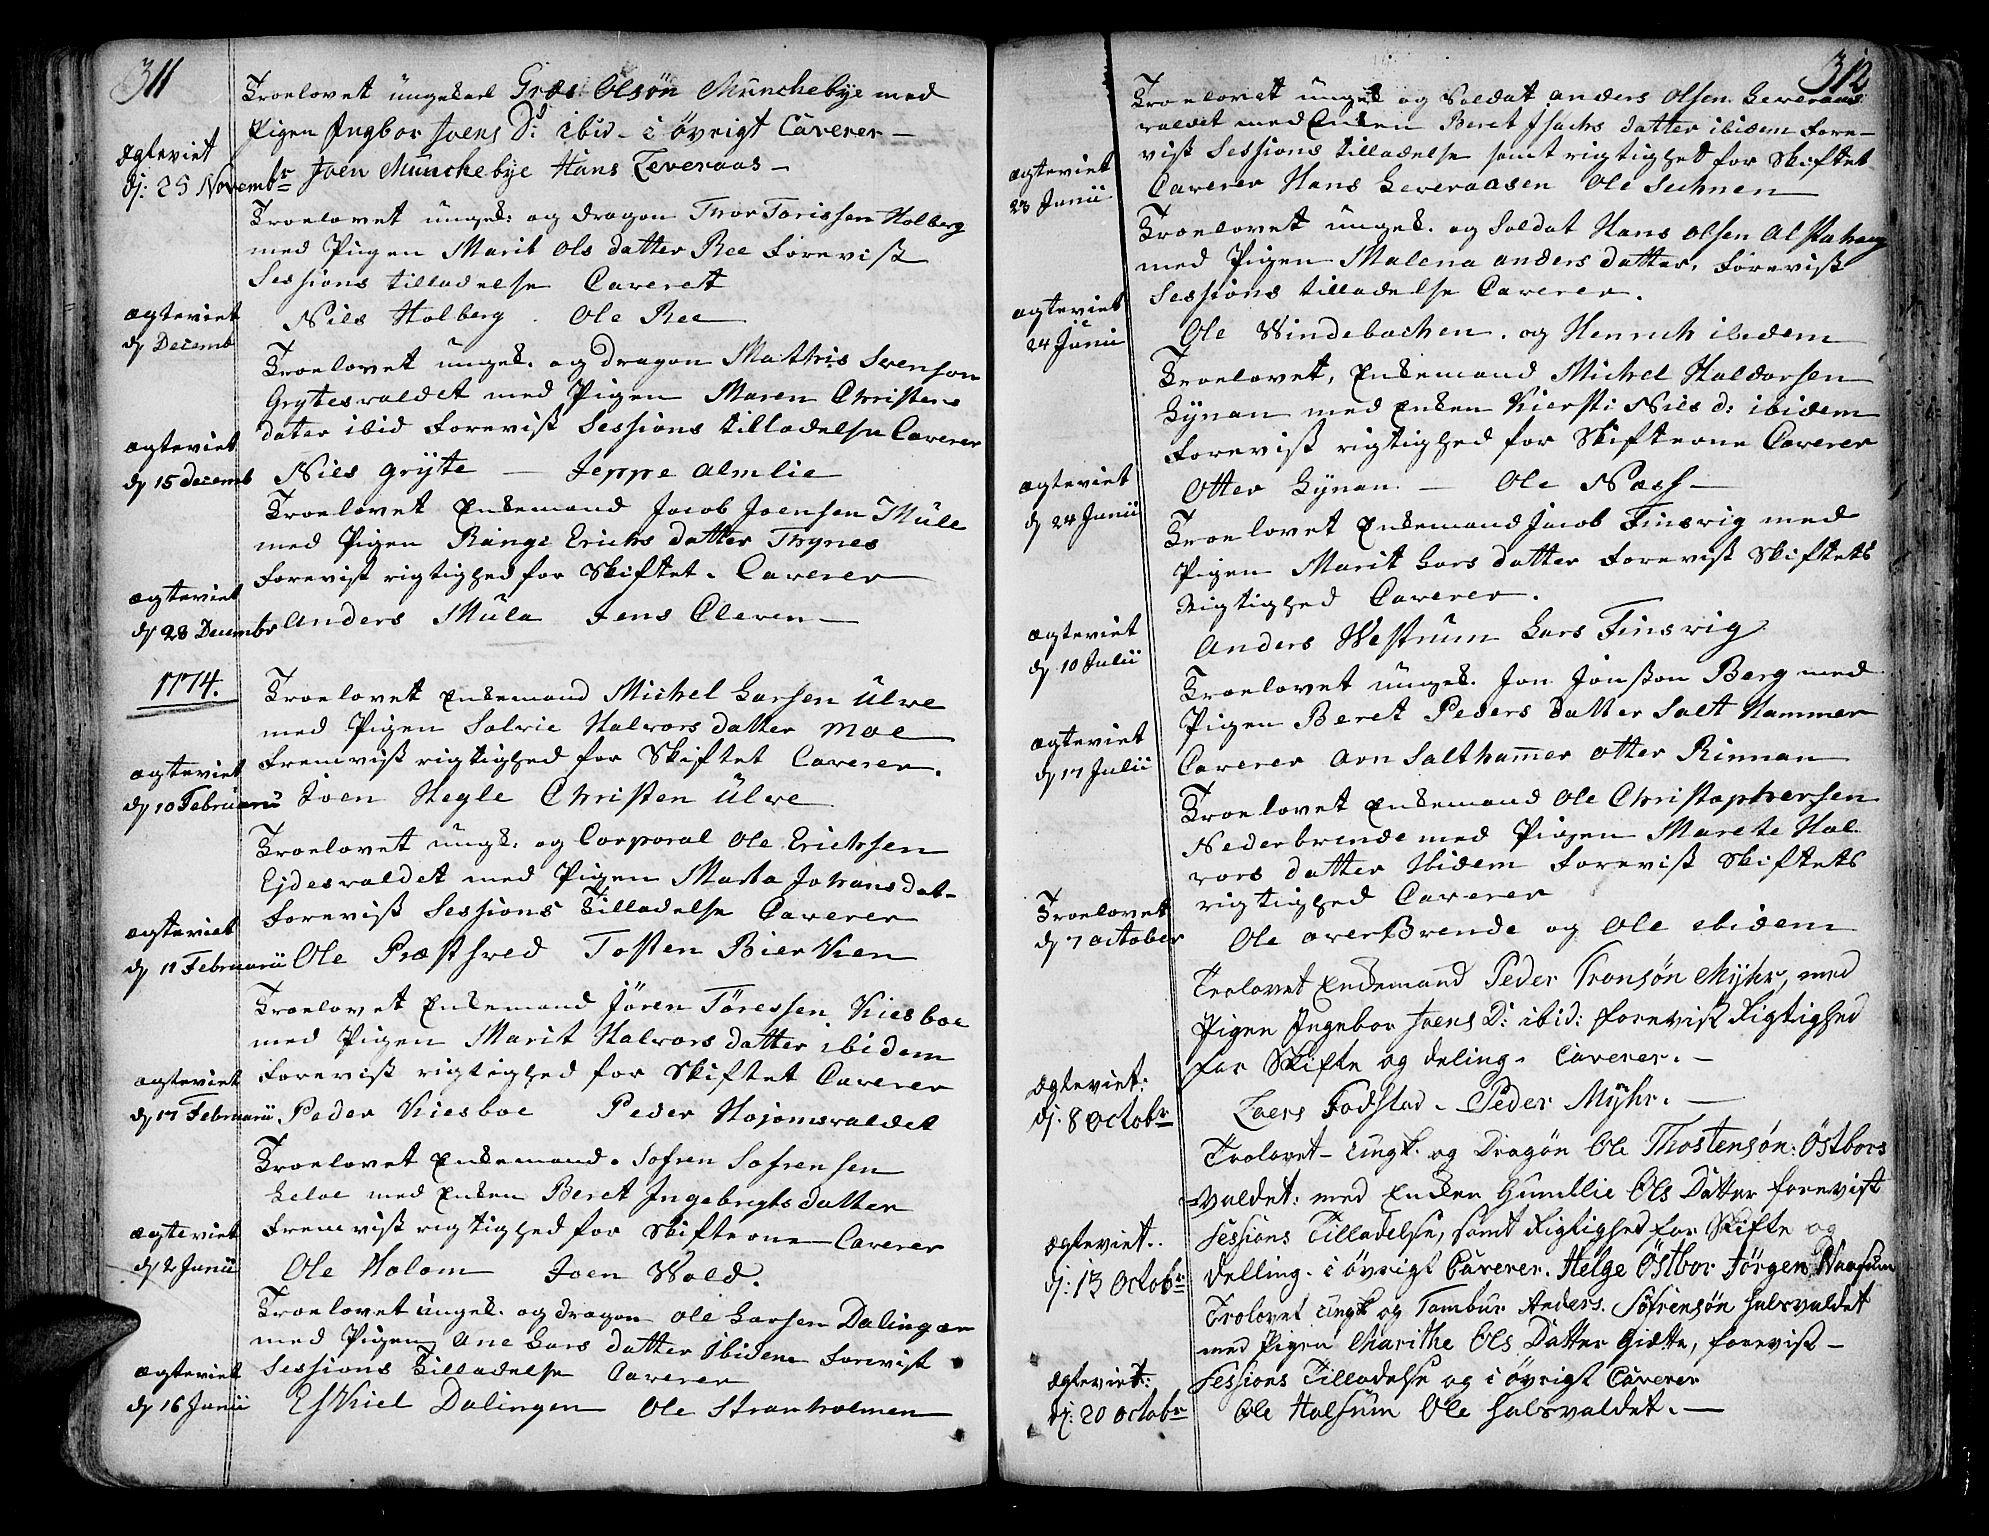 SAT, Ministerialprotokoller, klokkerbøker og fødselsregistre - Nord-Trøndelag, 717/L0141: Ministerialbok nr. 717A01, 1747-1803, s. 311-312